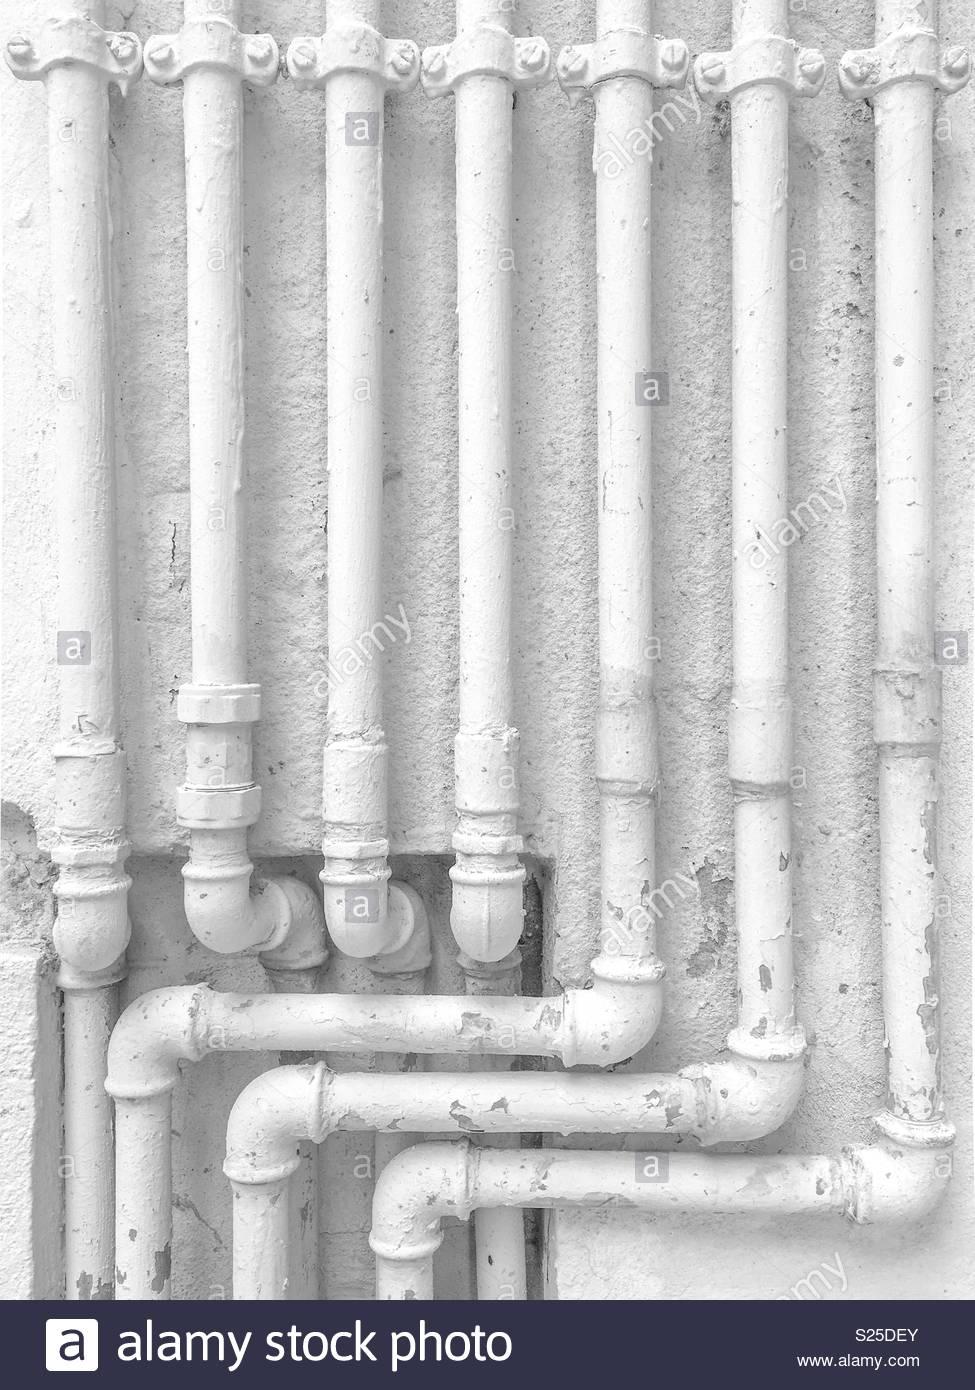 Schwarzweiß gedreht von einigen alten Leitungen Stockbild